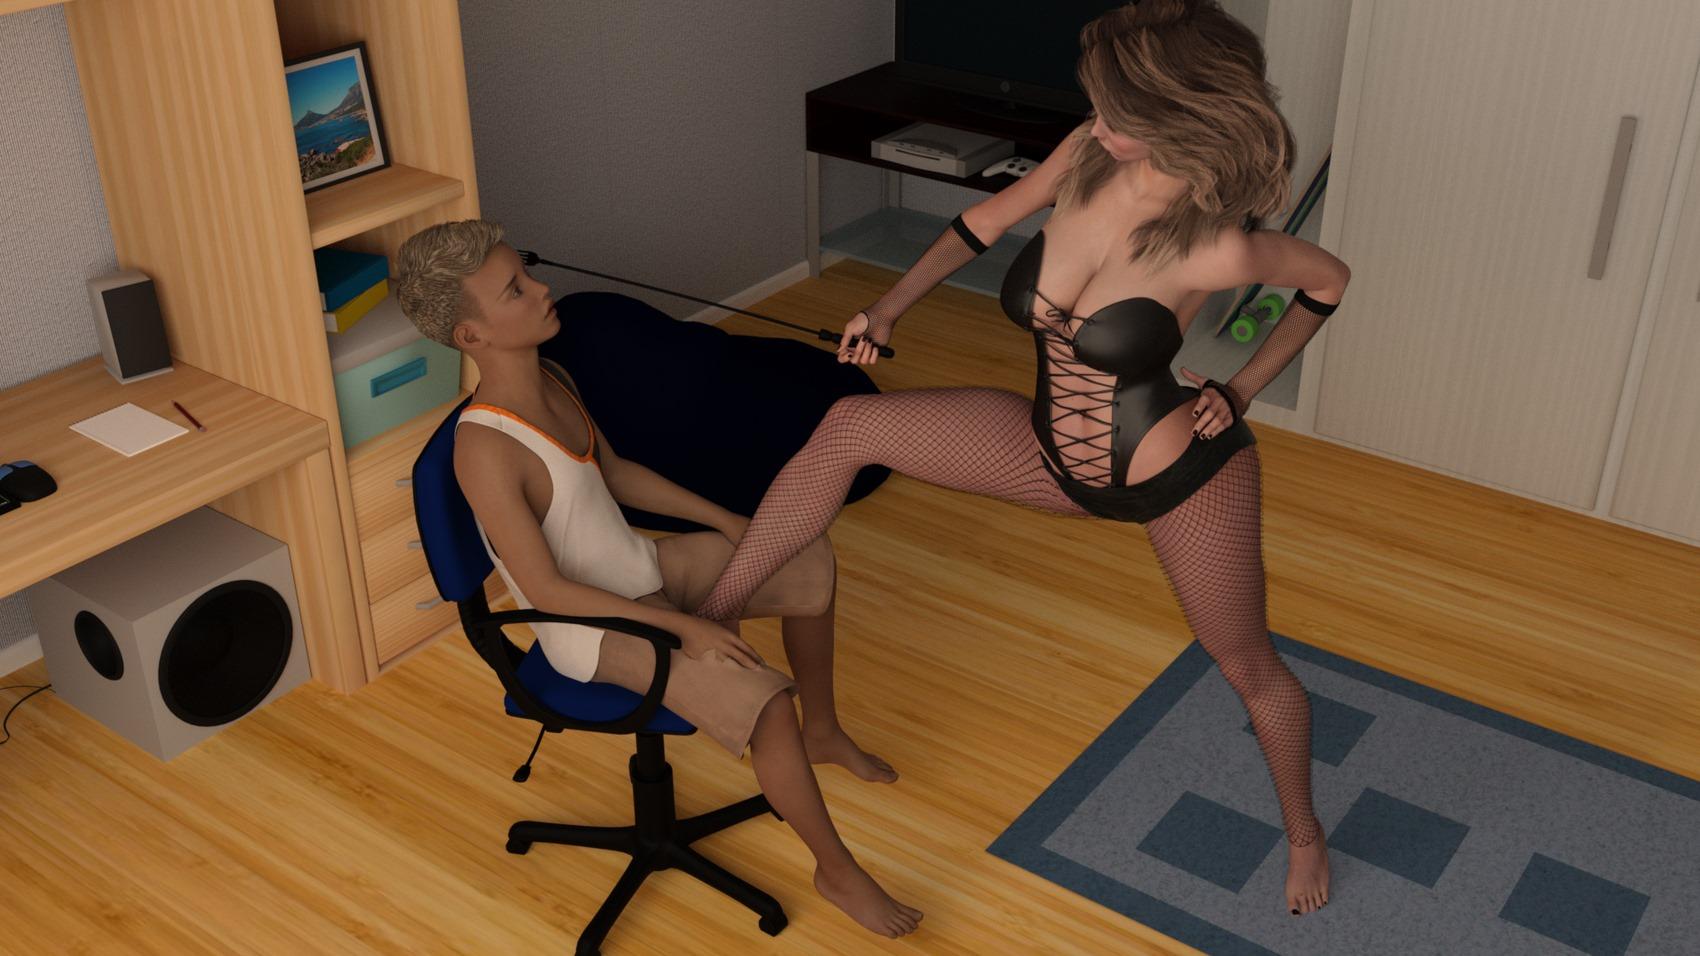 Wife Cheats While Husband Work